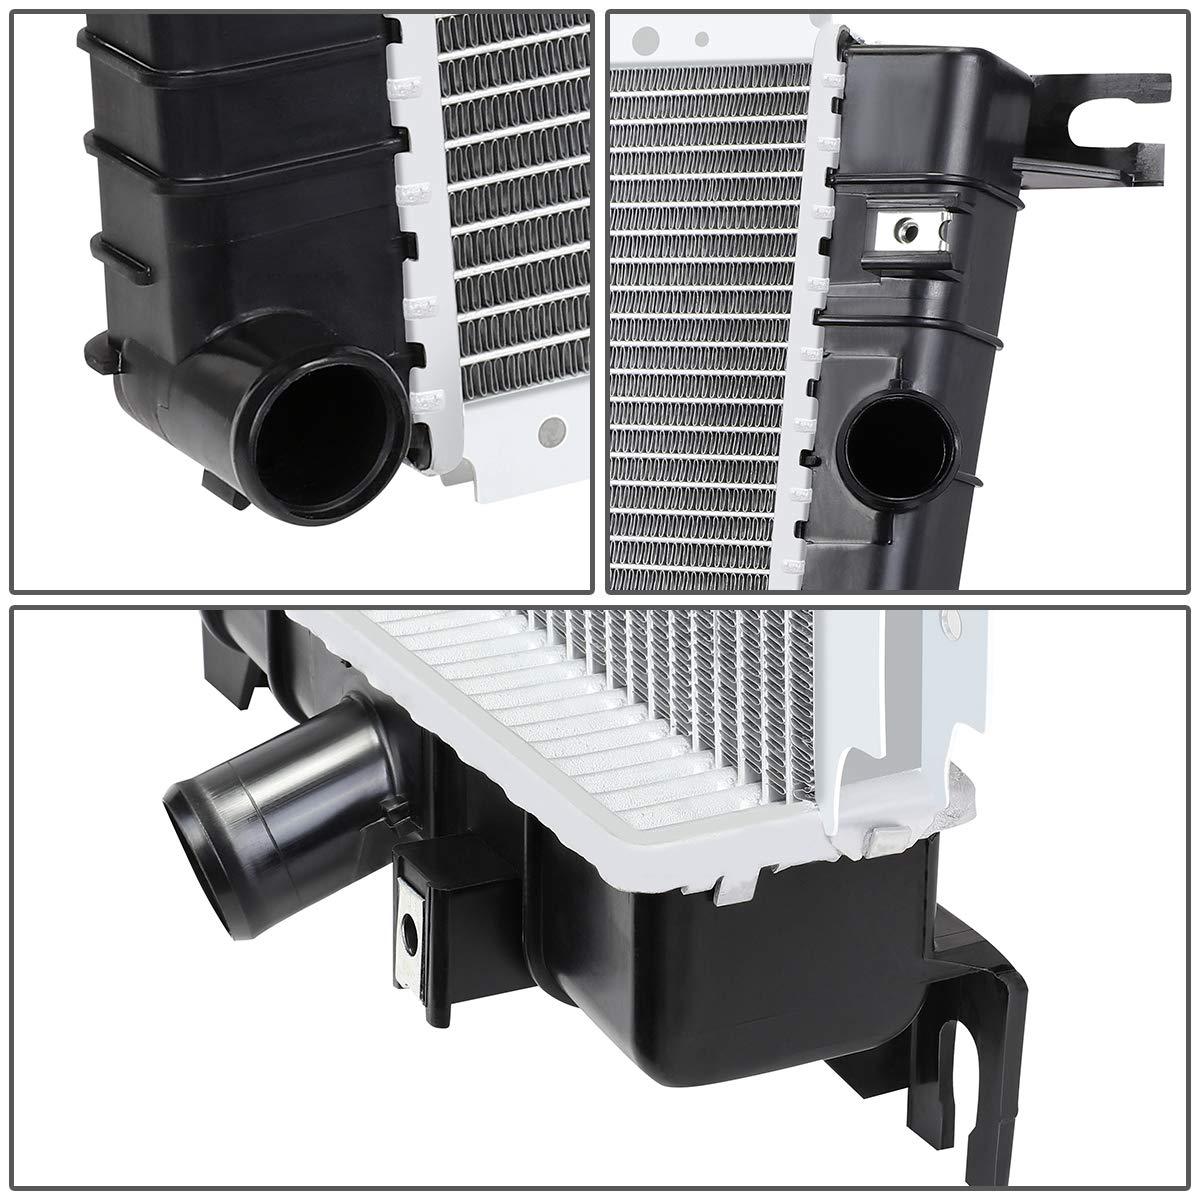 For 98-11 Ford Ranger//Mazda B3000 AT OE Style Full Aluminum Core Radiator DPI 2173